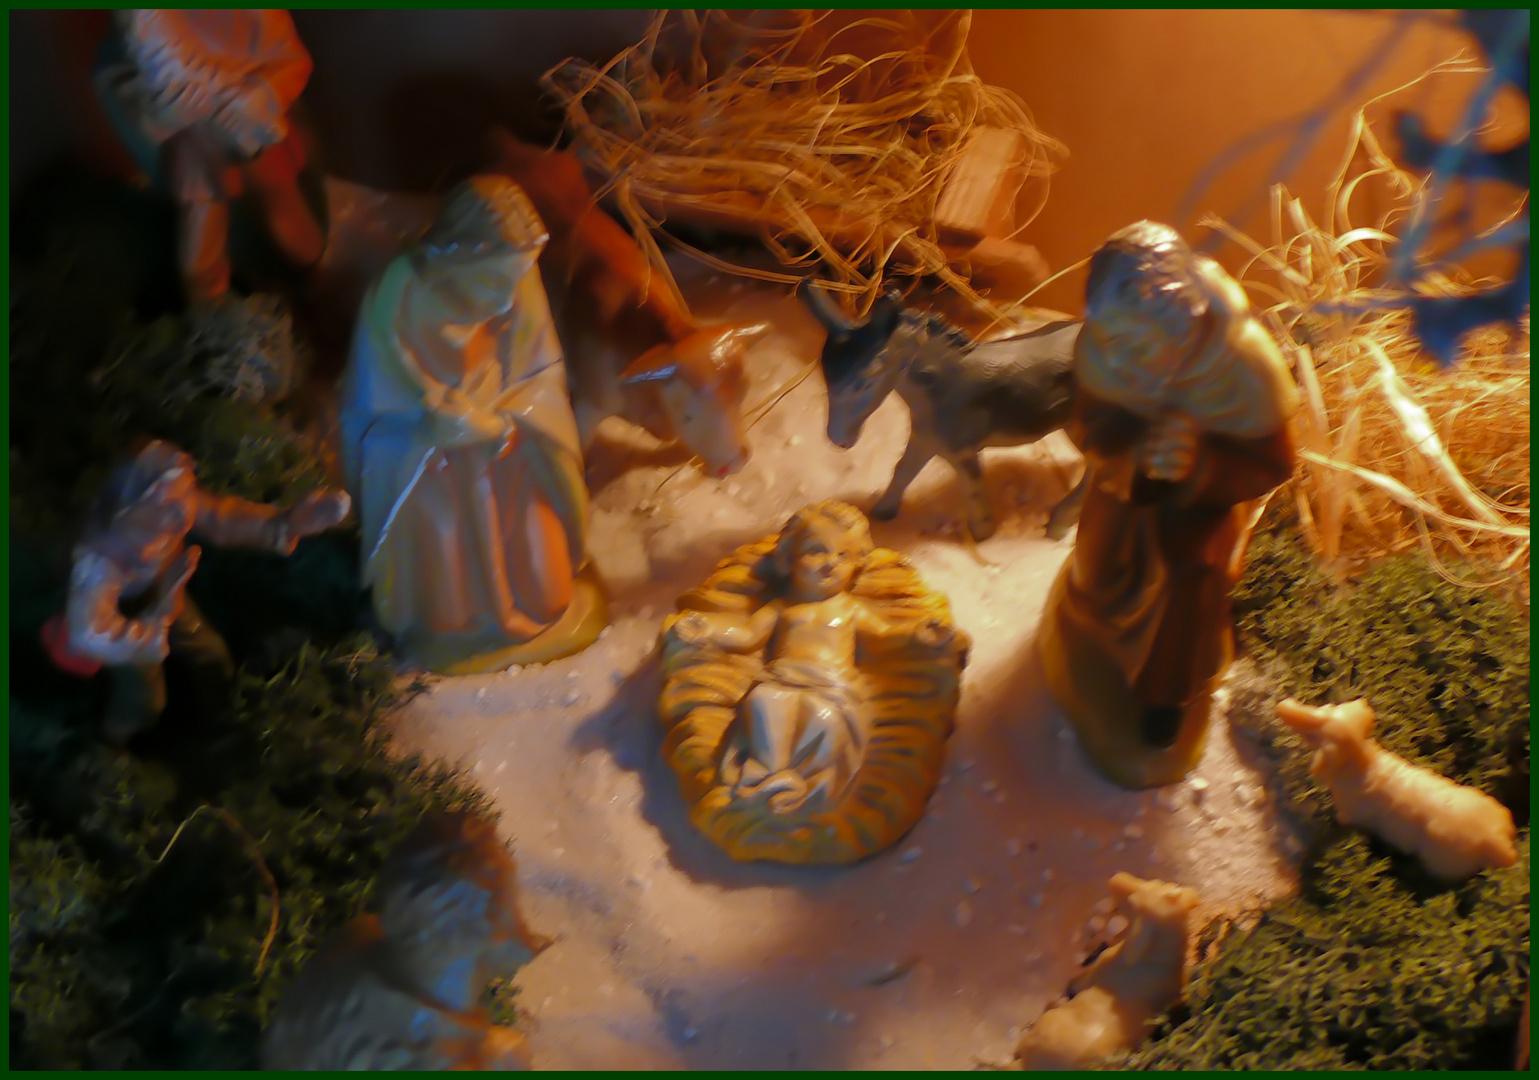 Frohe und gesegnete Weihnachten Foto & Bild | weihnachten, spezial ...